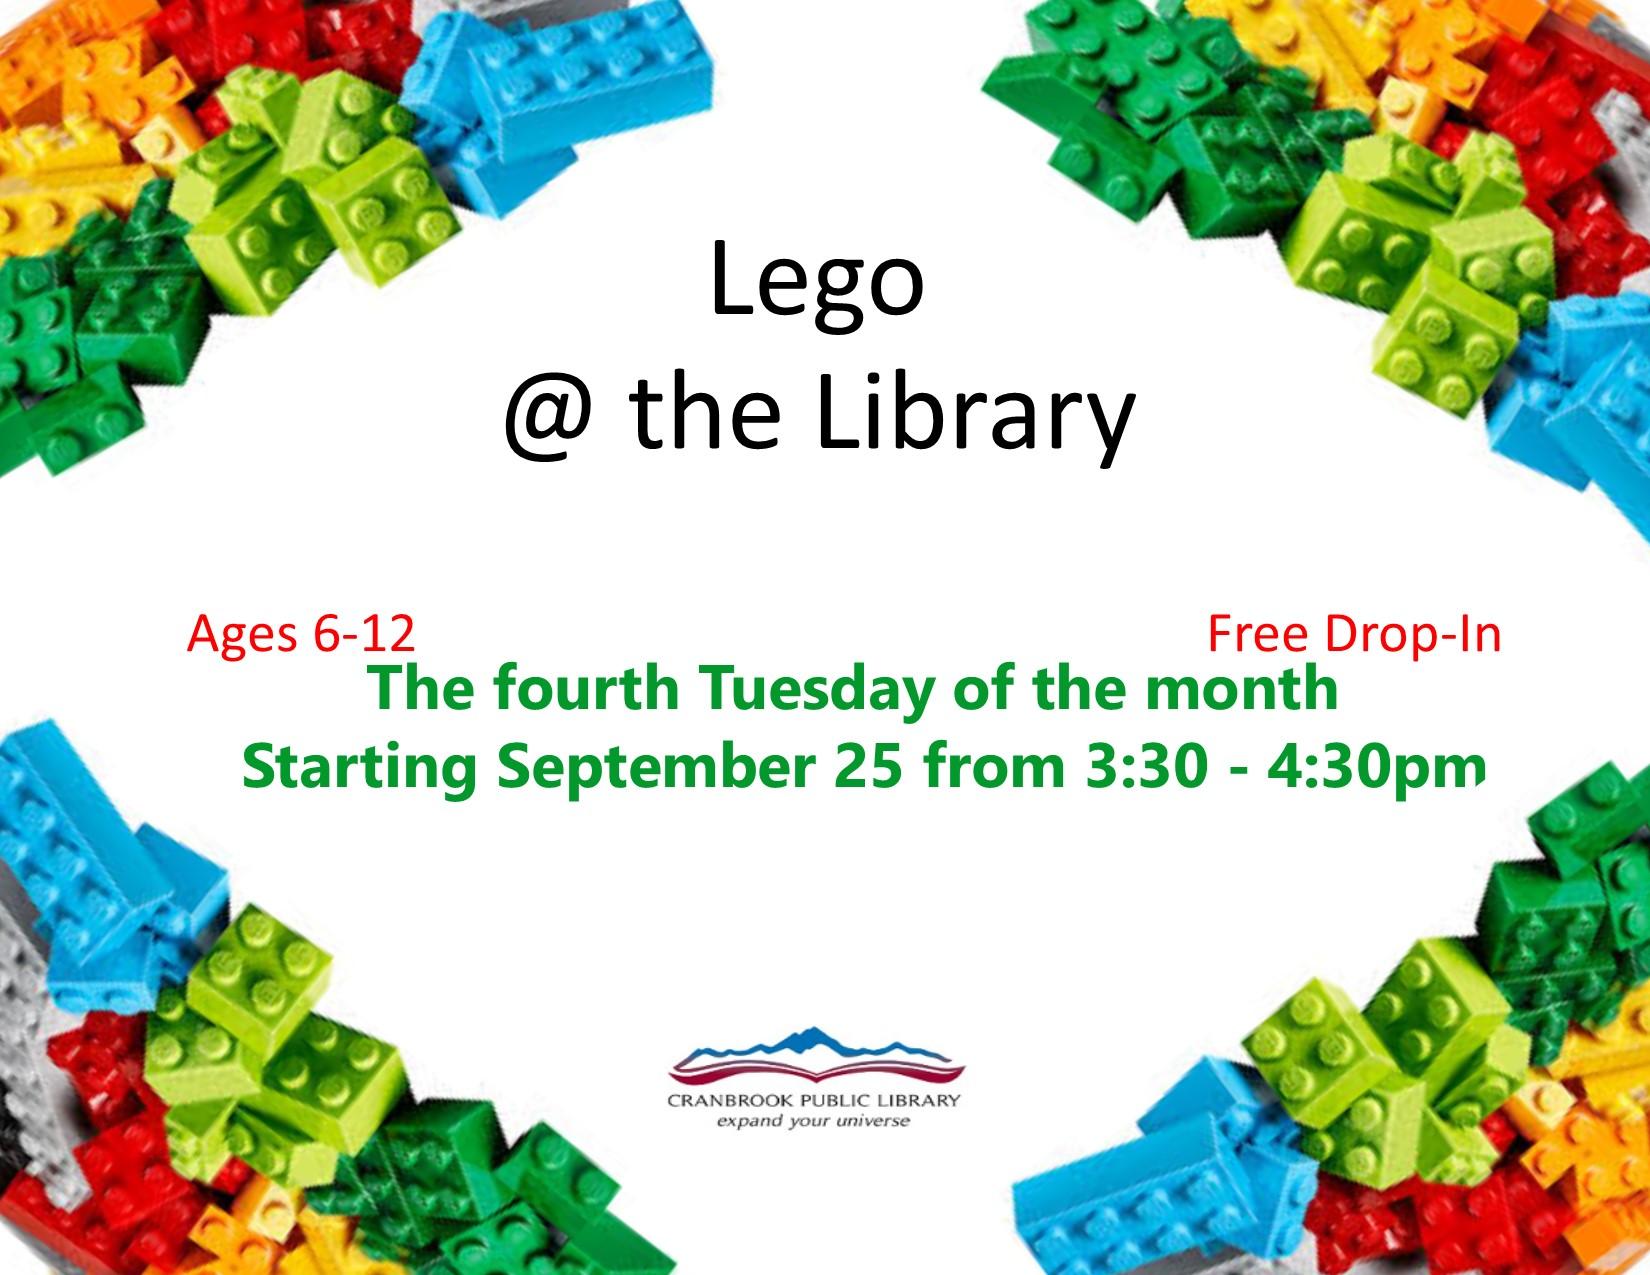 Lego Club @ Cranbrook Public Library